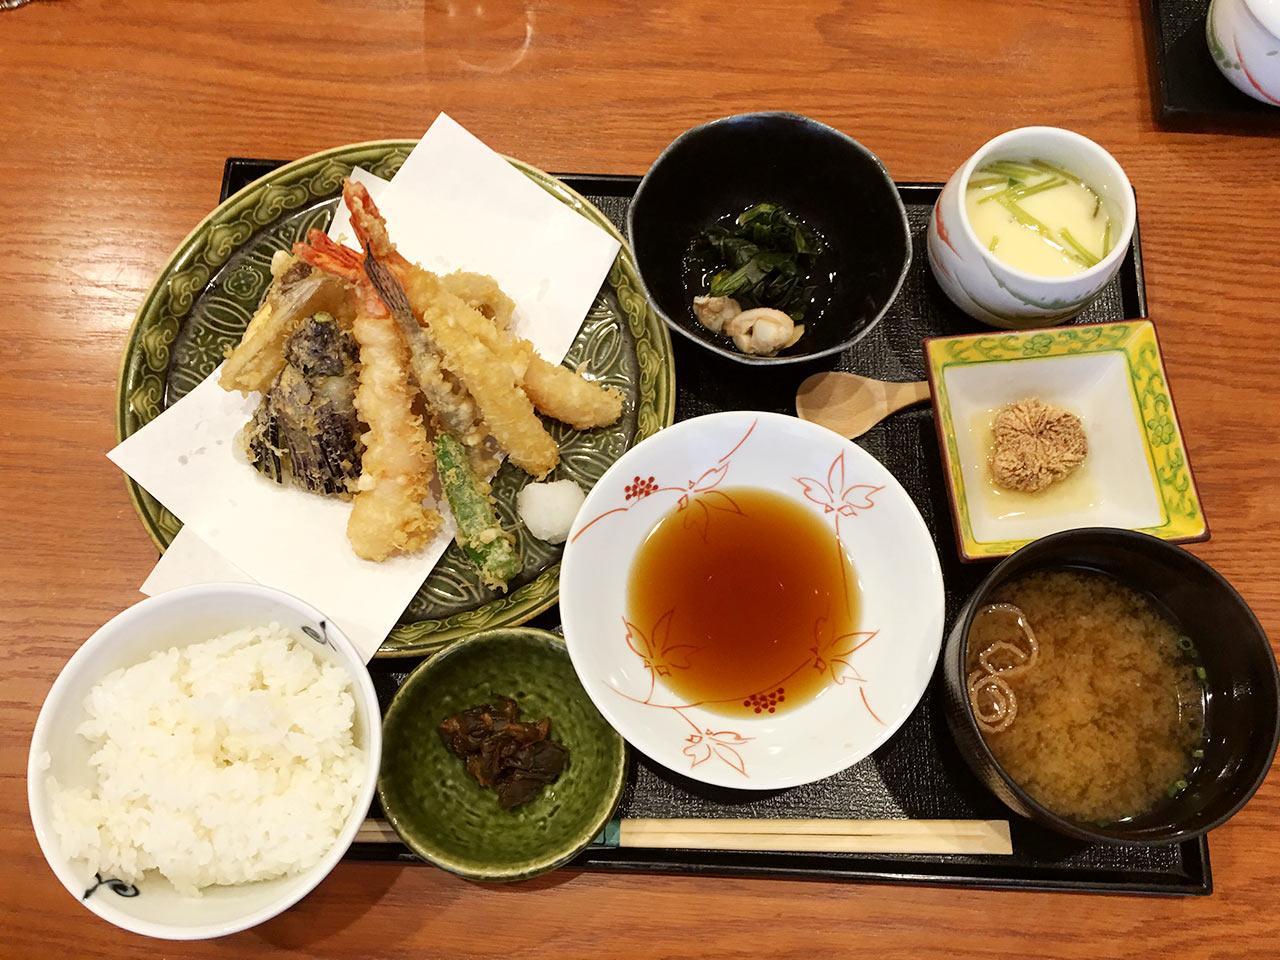 天ぷら割烹うさぎの天ぷら御膳